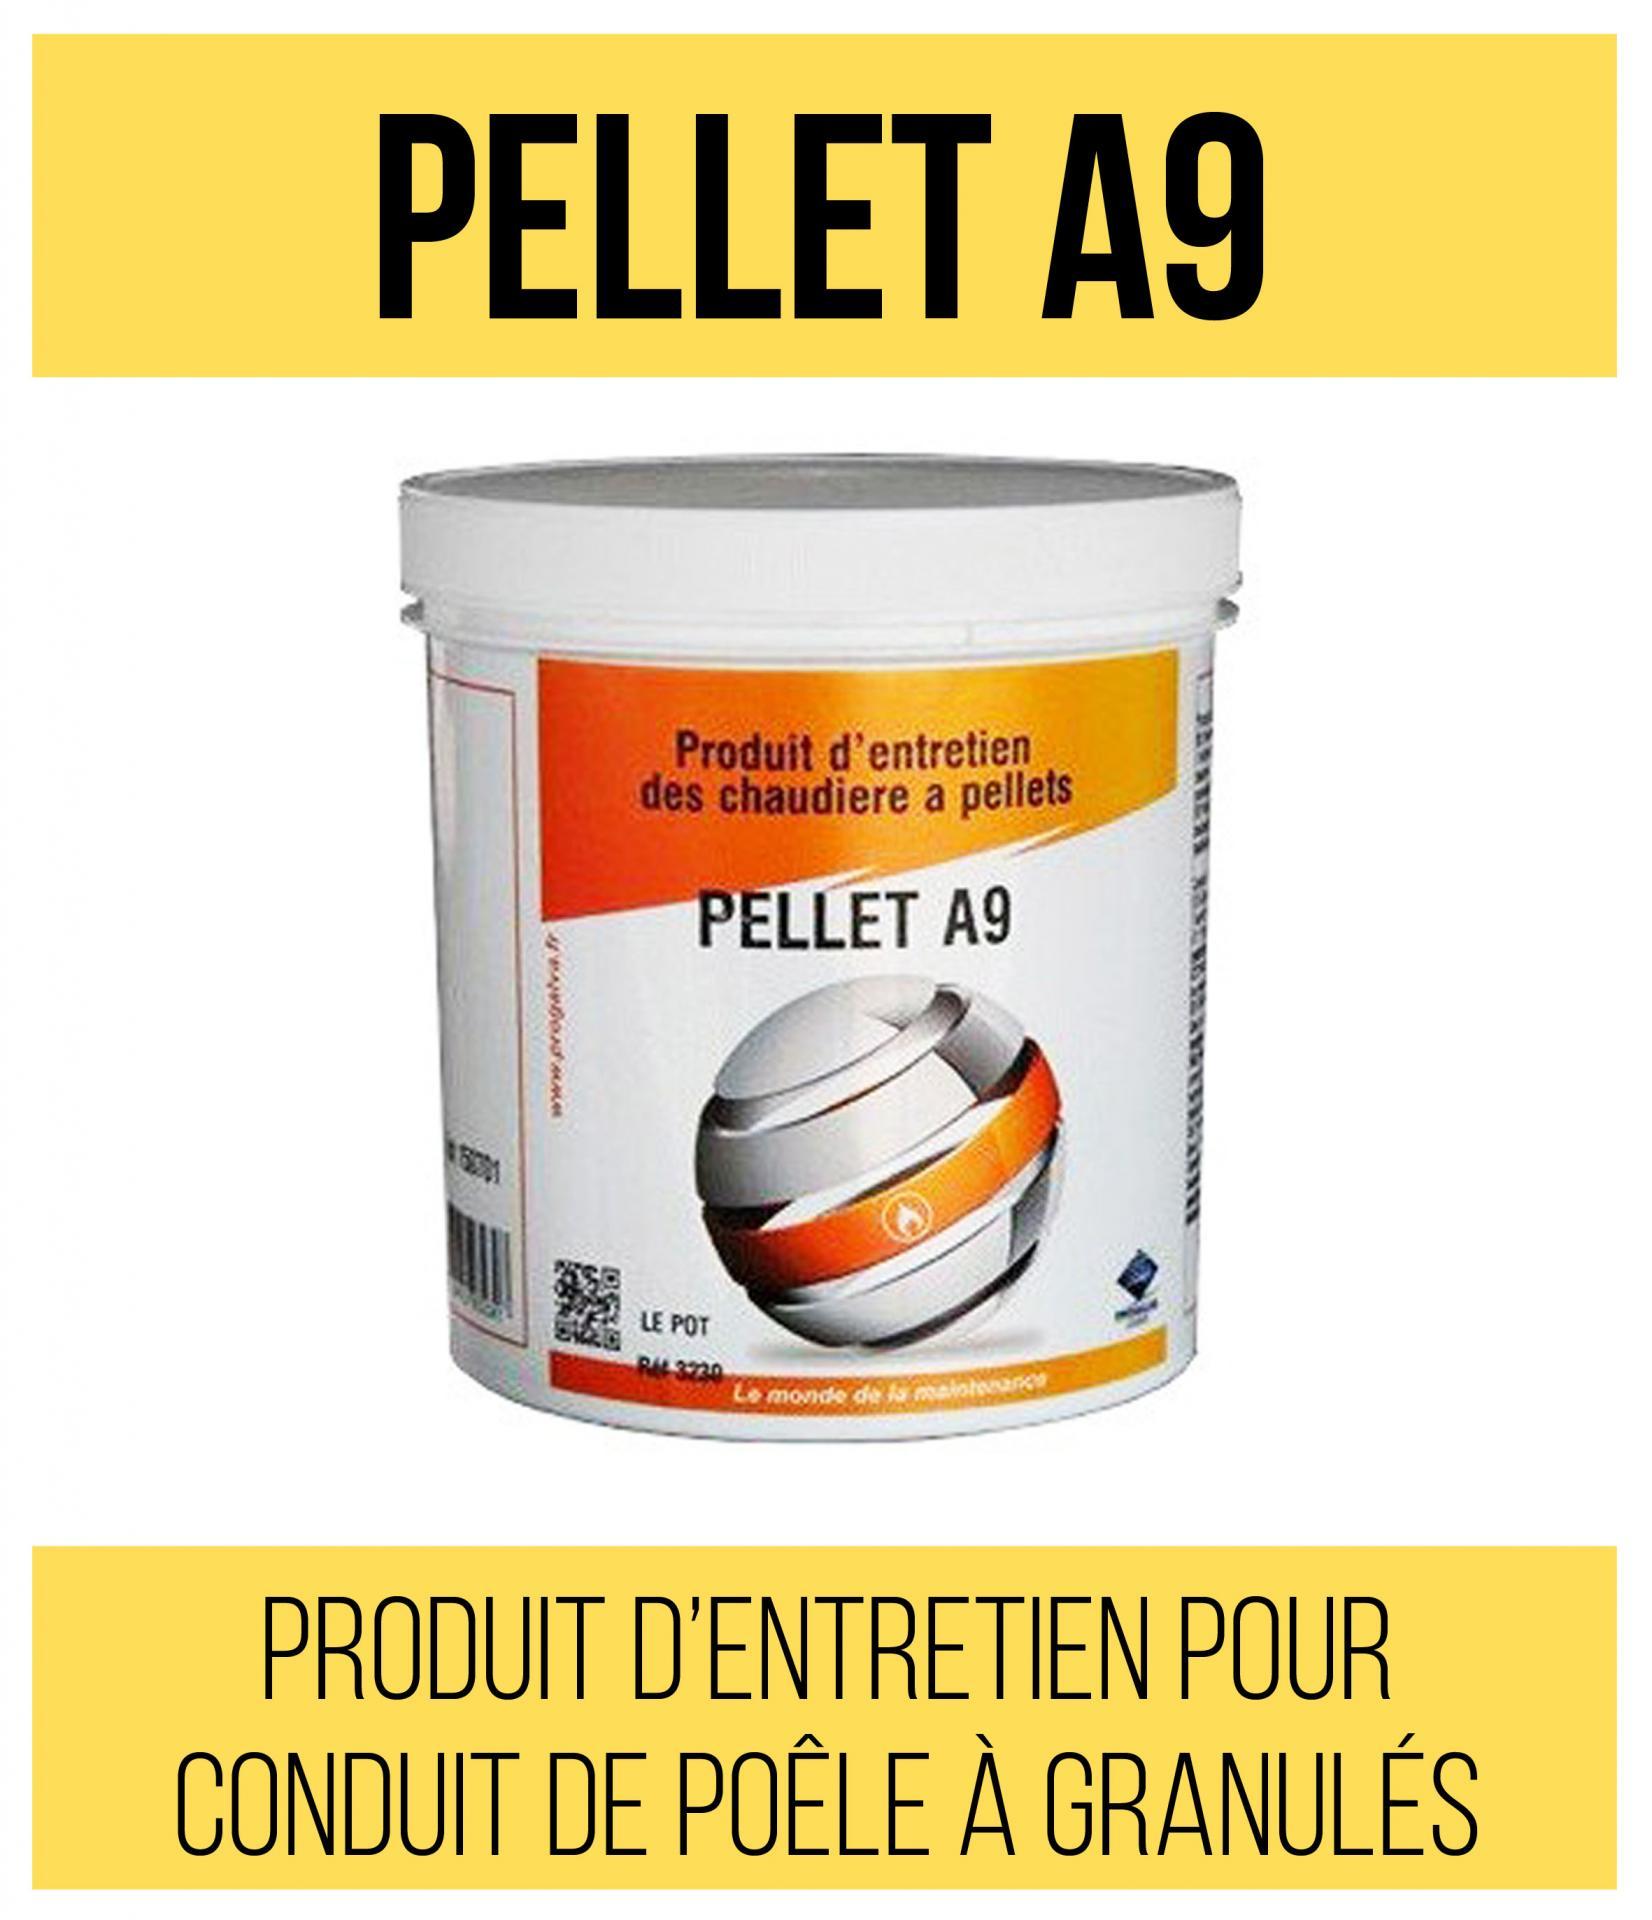 Entretien - Pellet A9